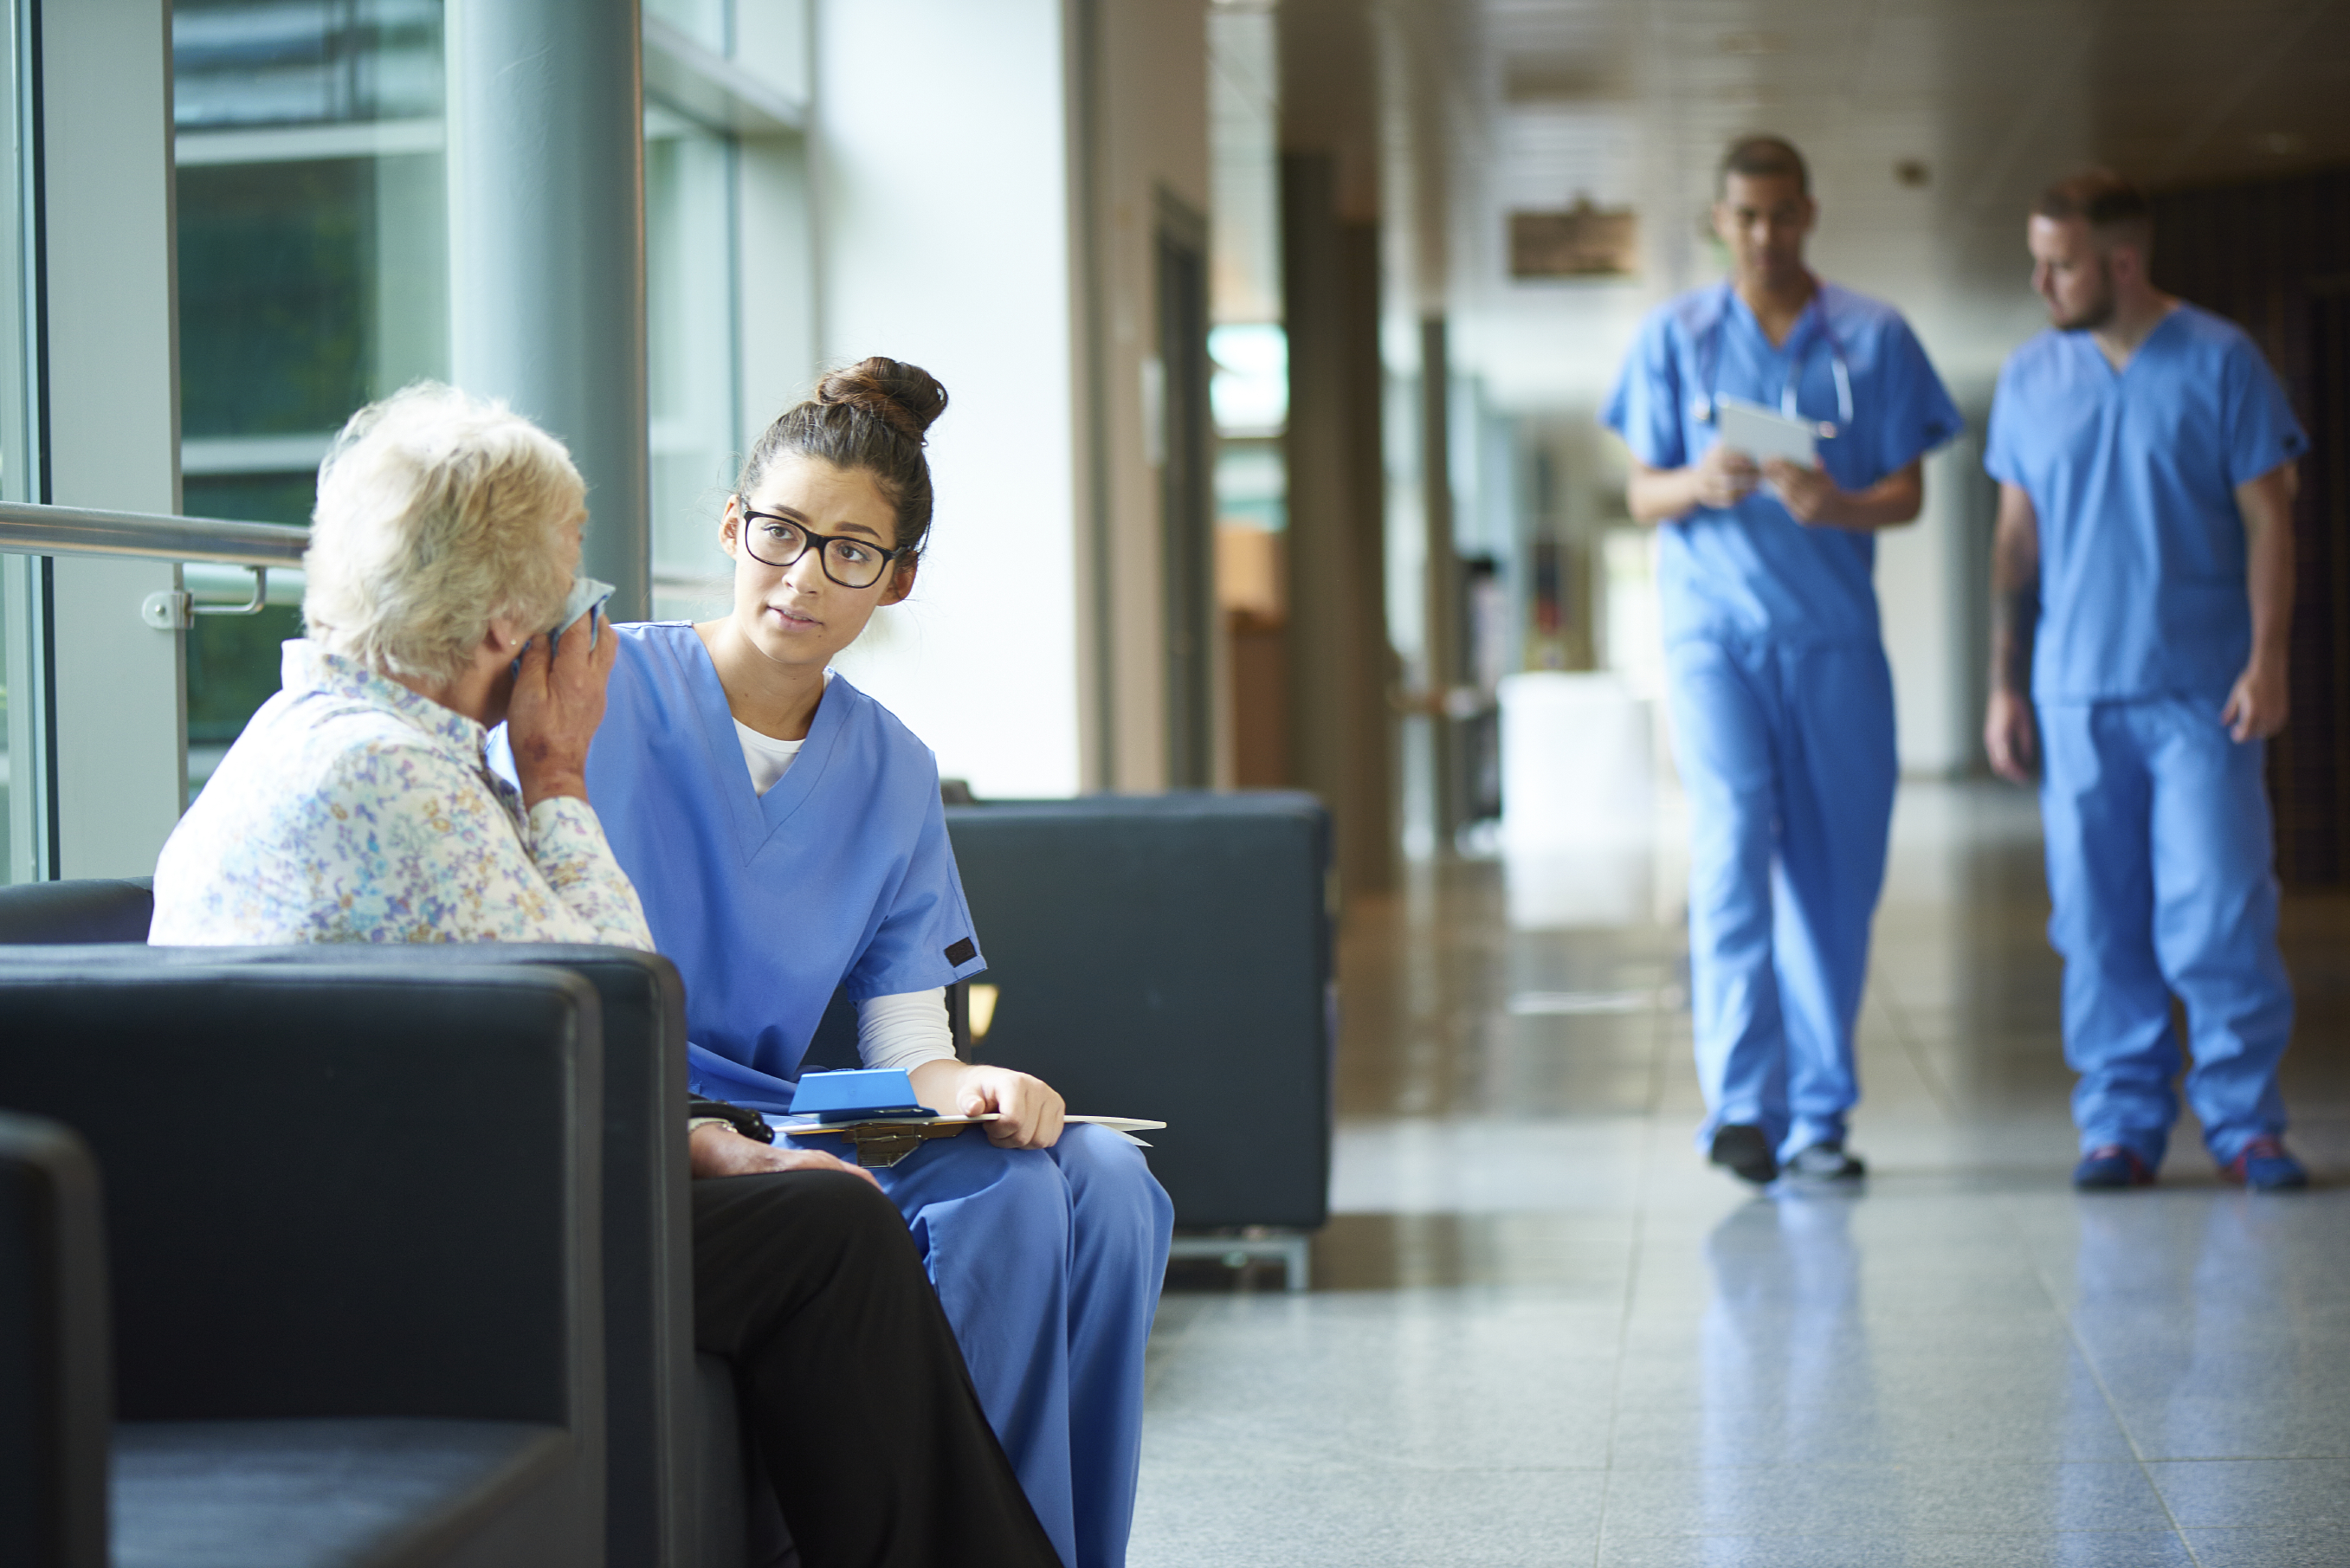 hospital-nurse